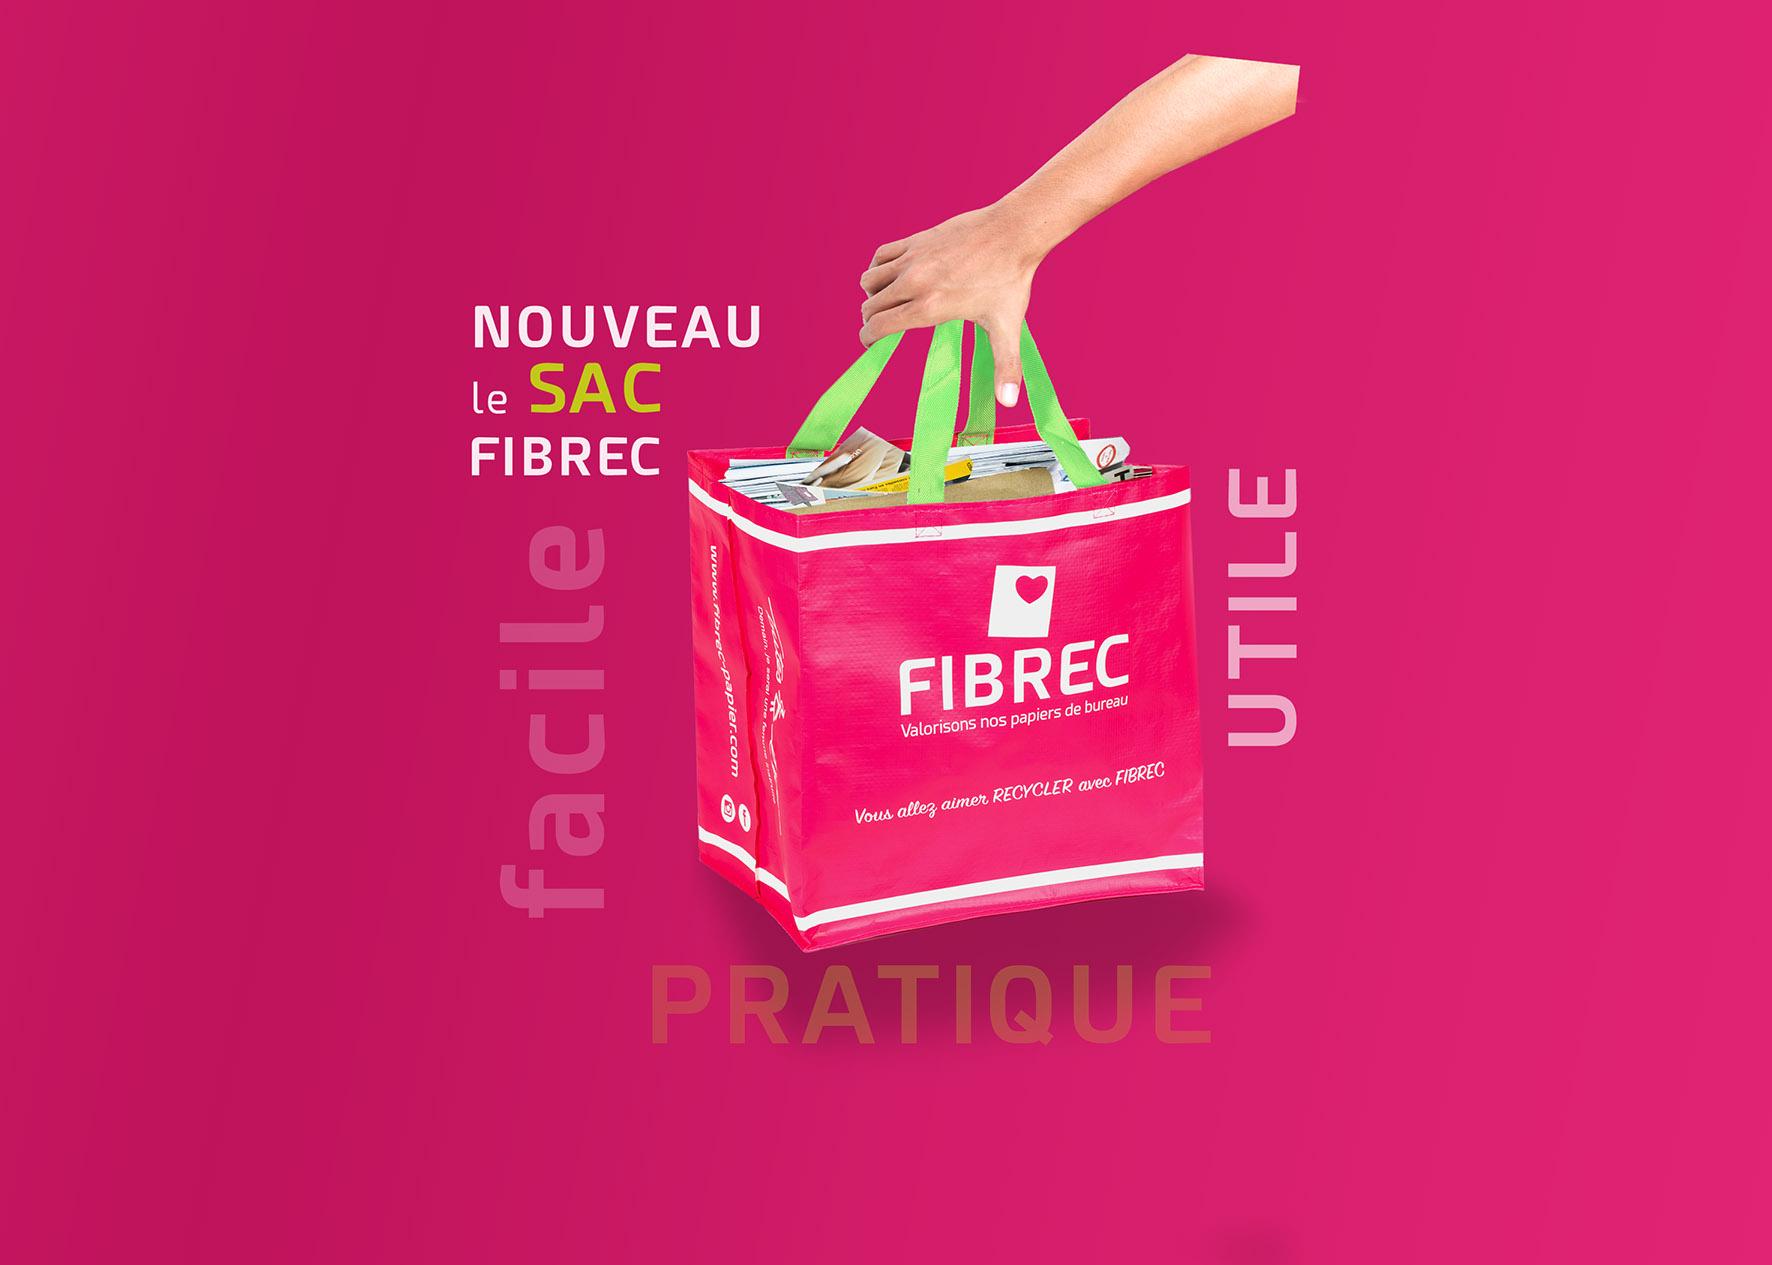 Sac fibrec Pro